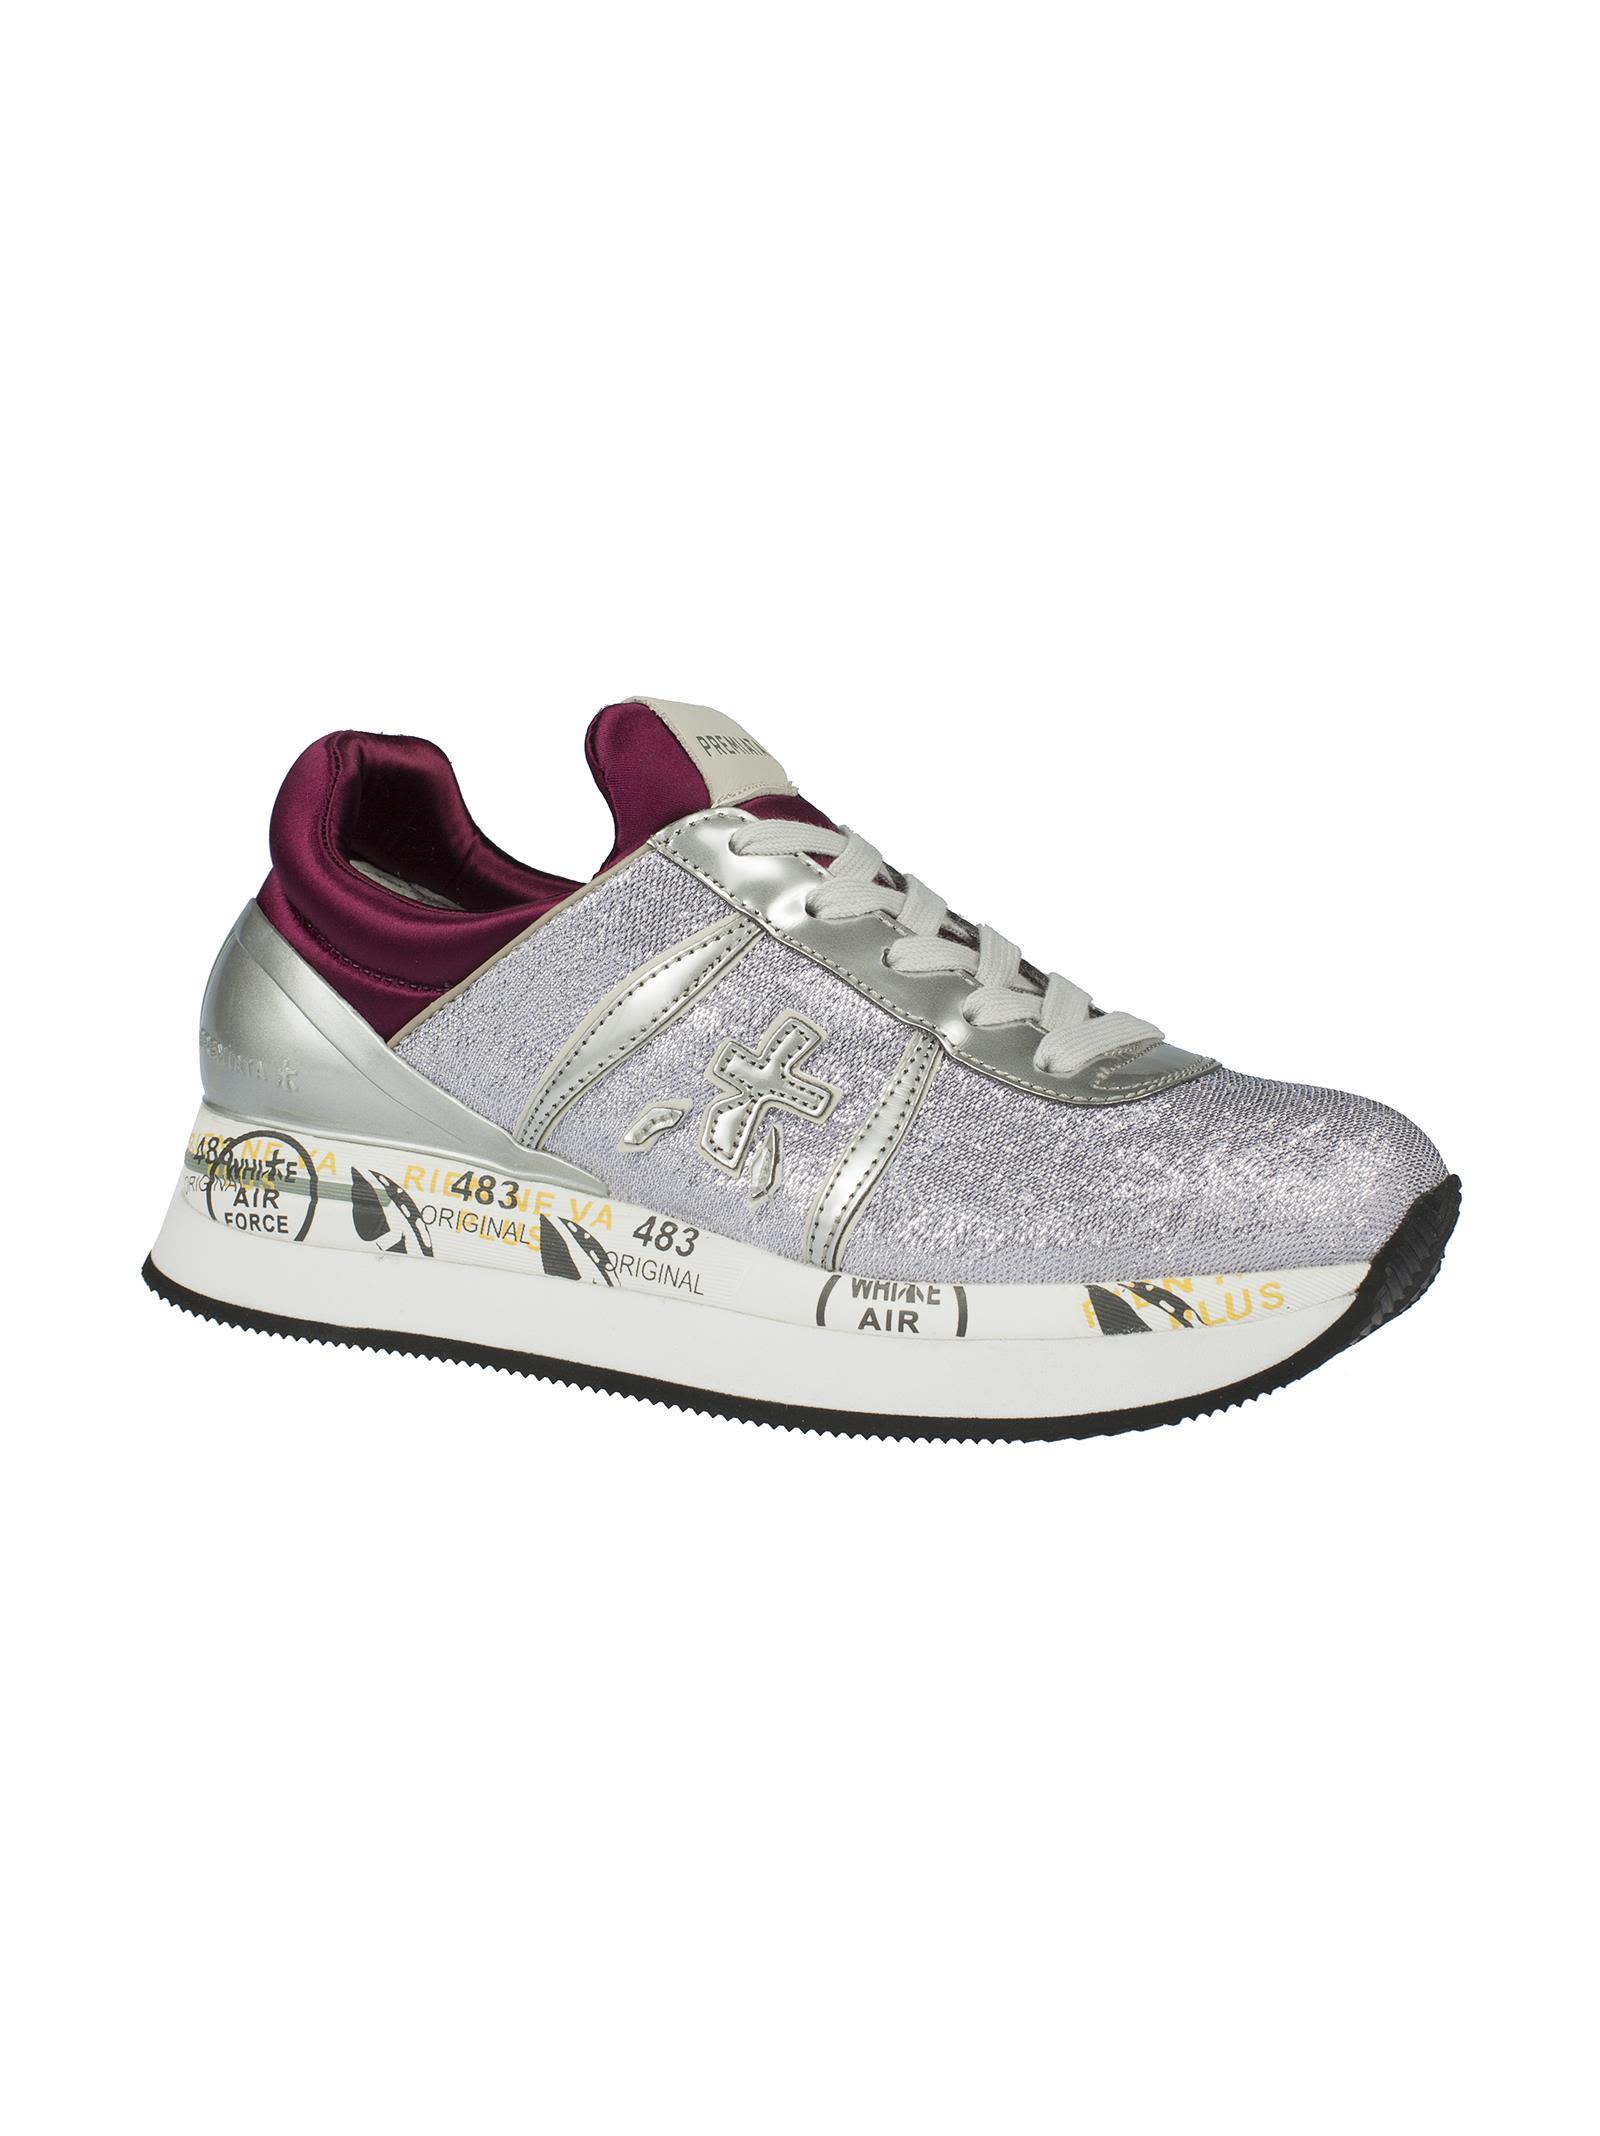 White Premiata Liz sneakers iVEC2LD5r4